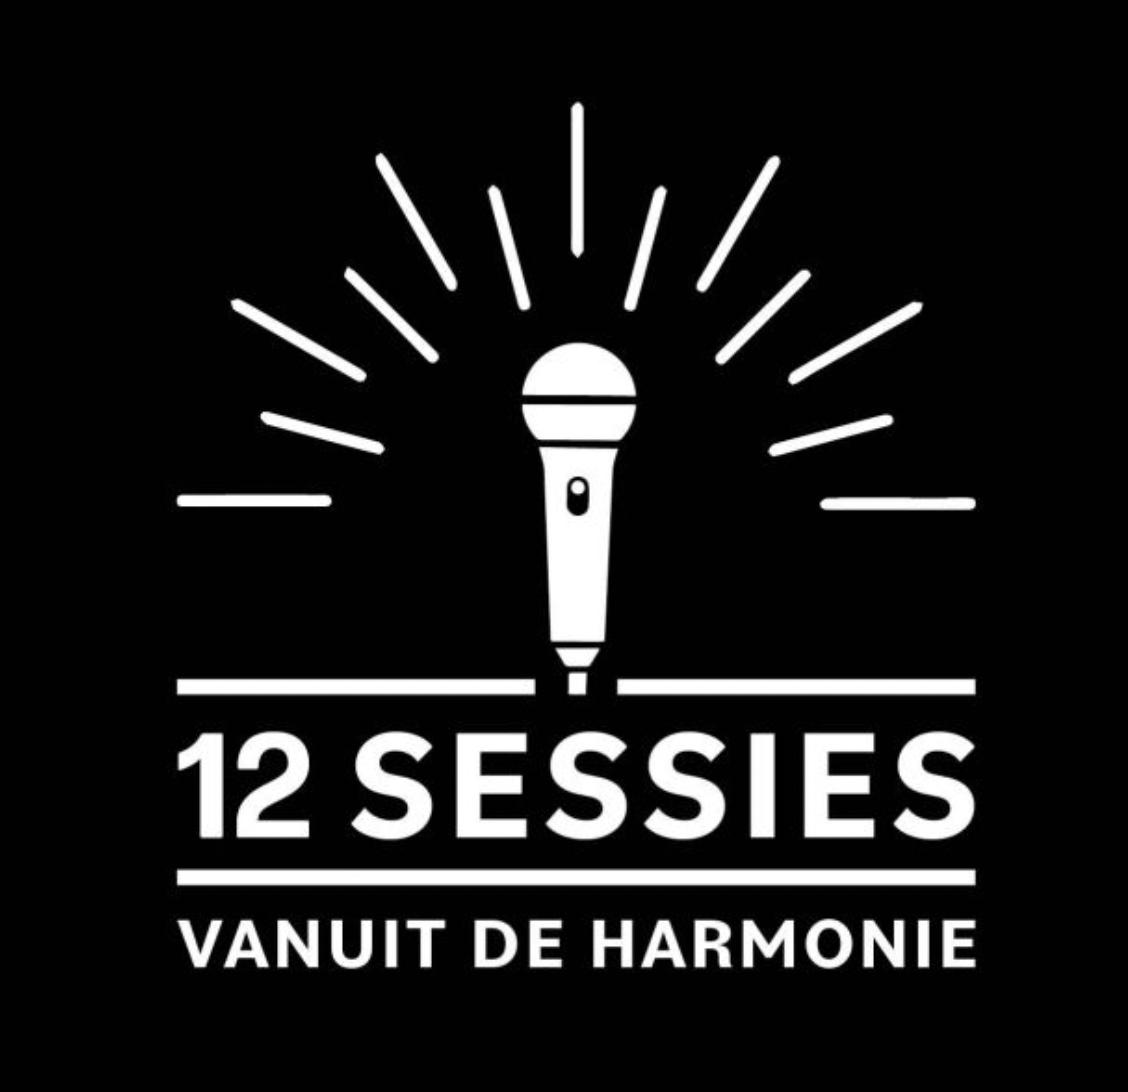 Theaters open, cadeau van De Harmonie!